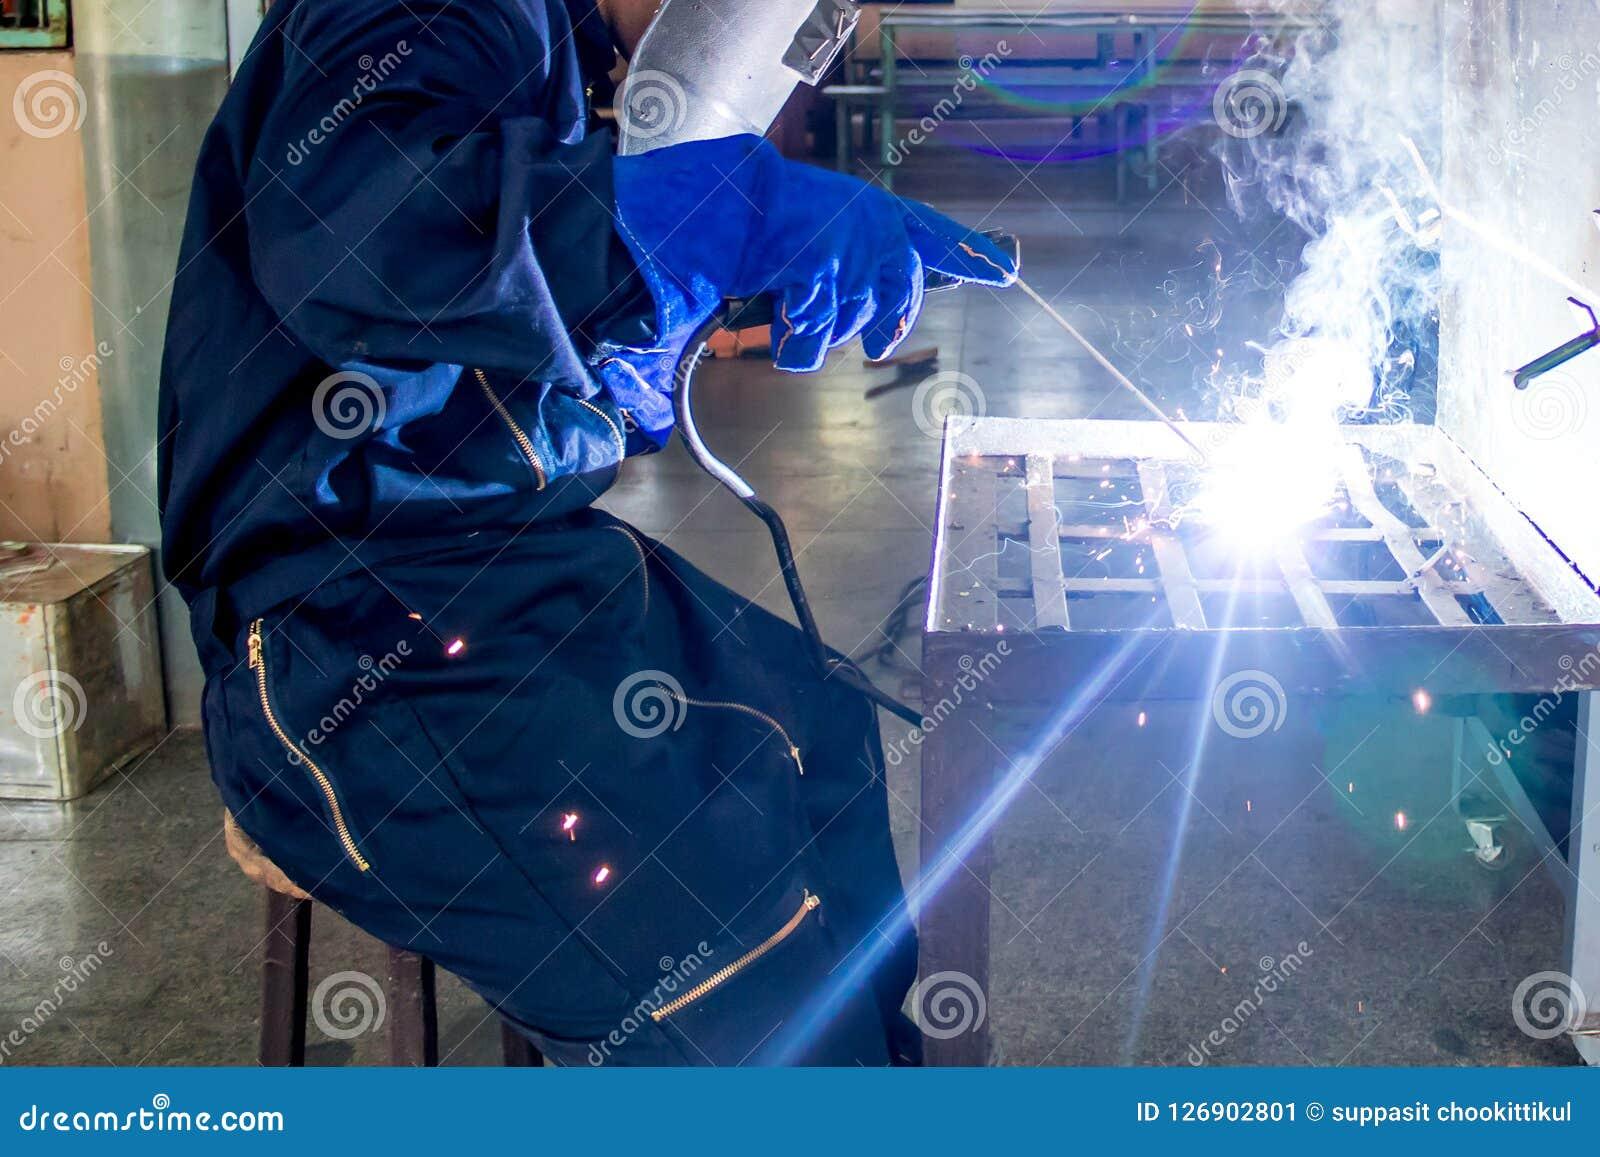 Persona de funcionamiento sobre la máquina de la soldadura al acero del soldador